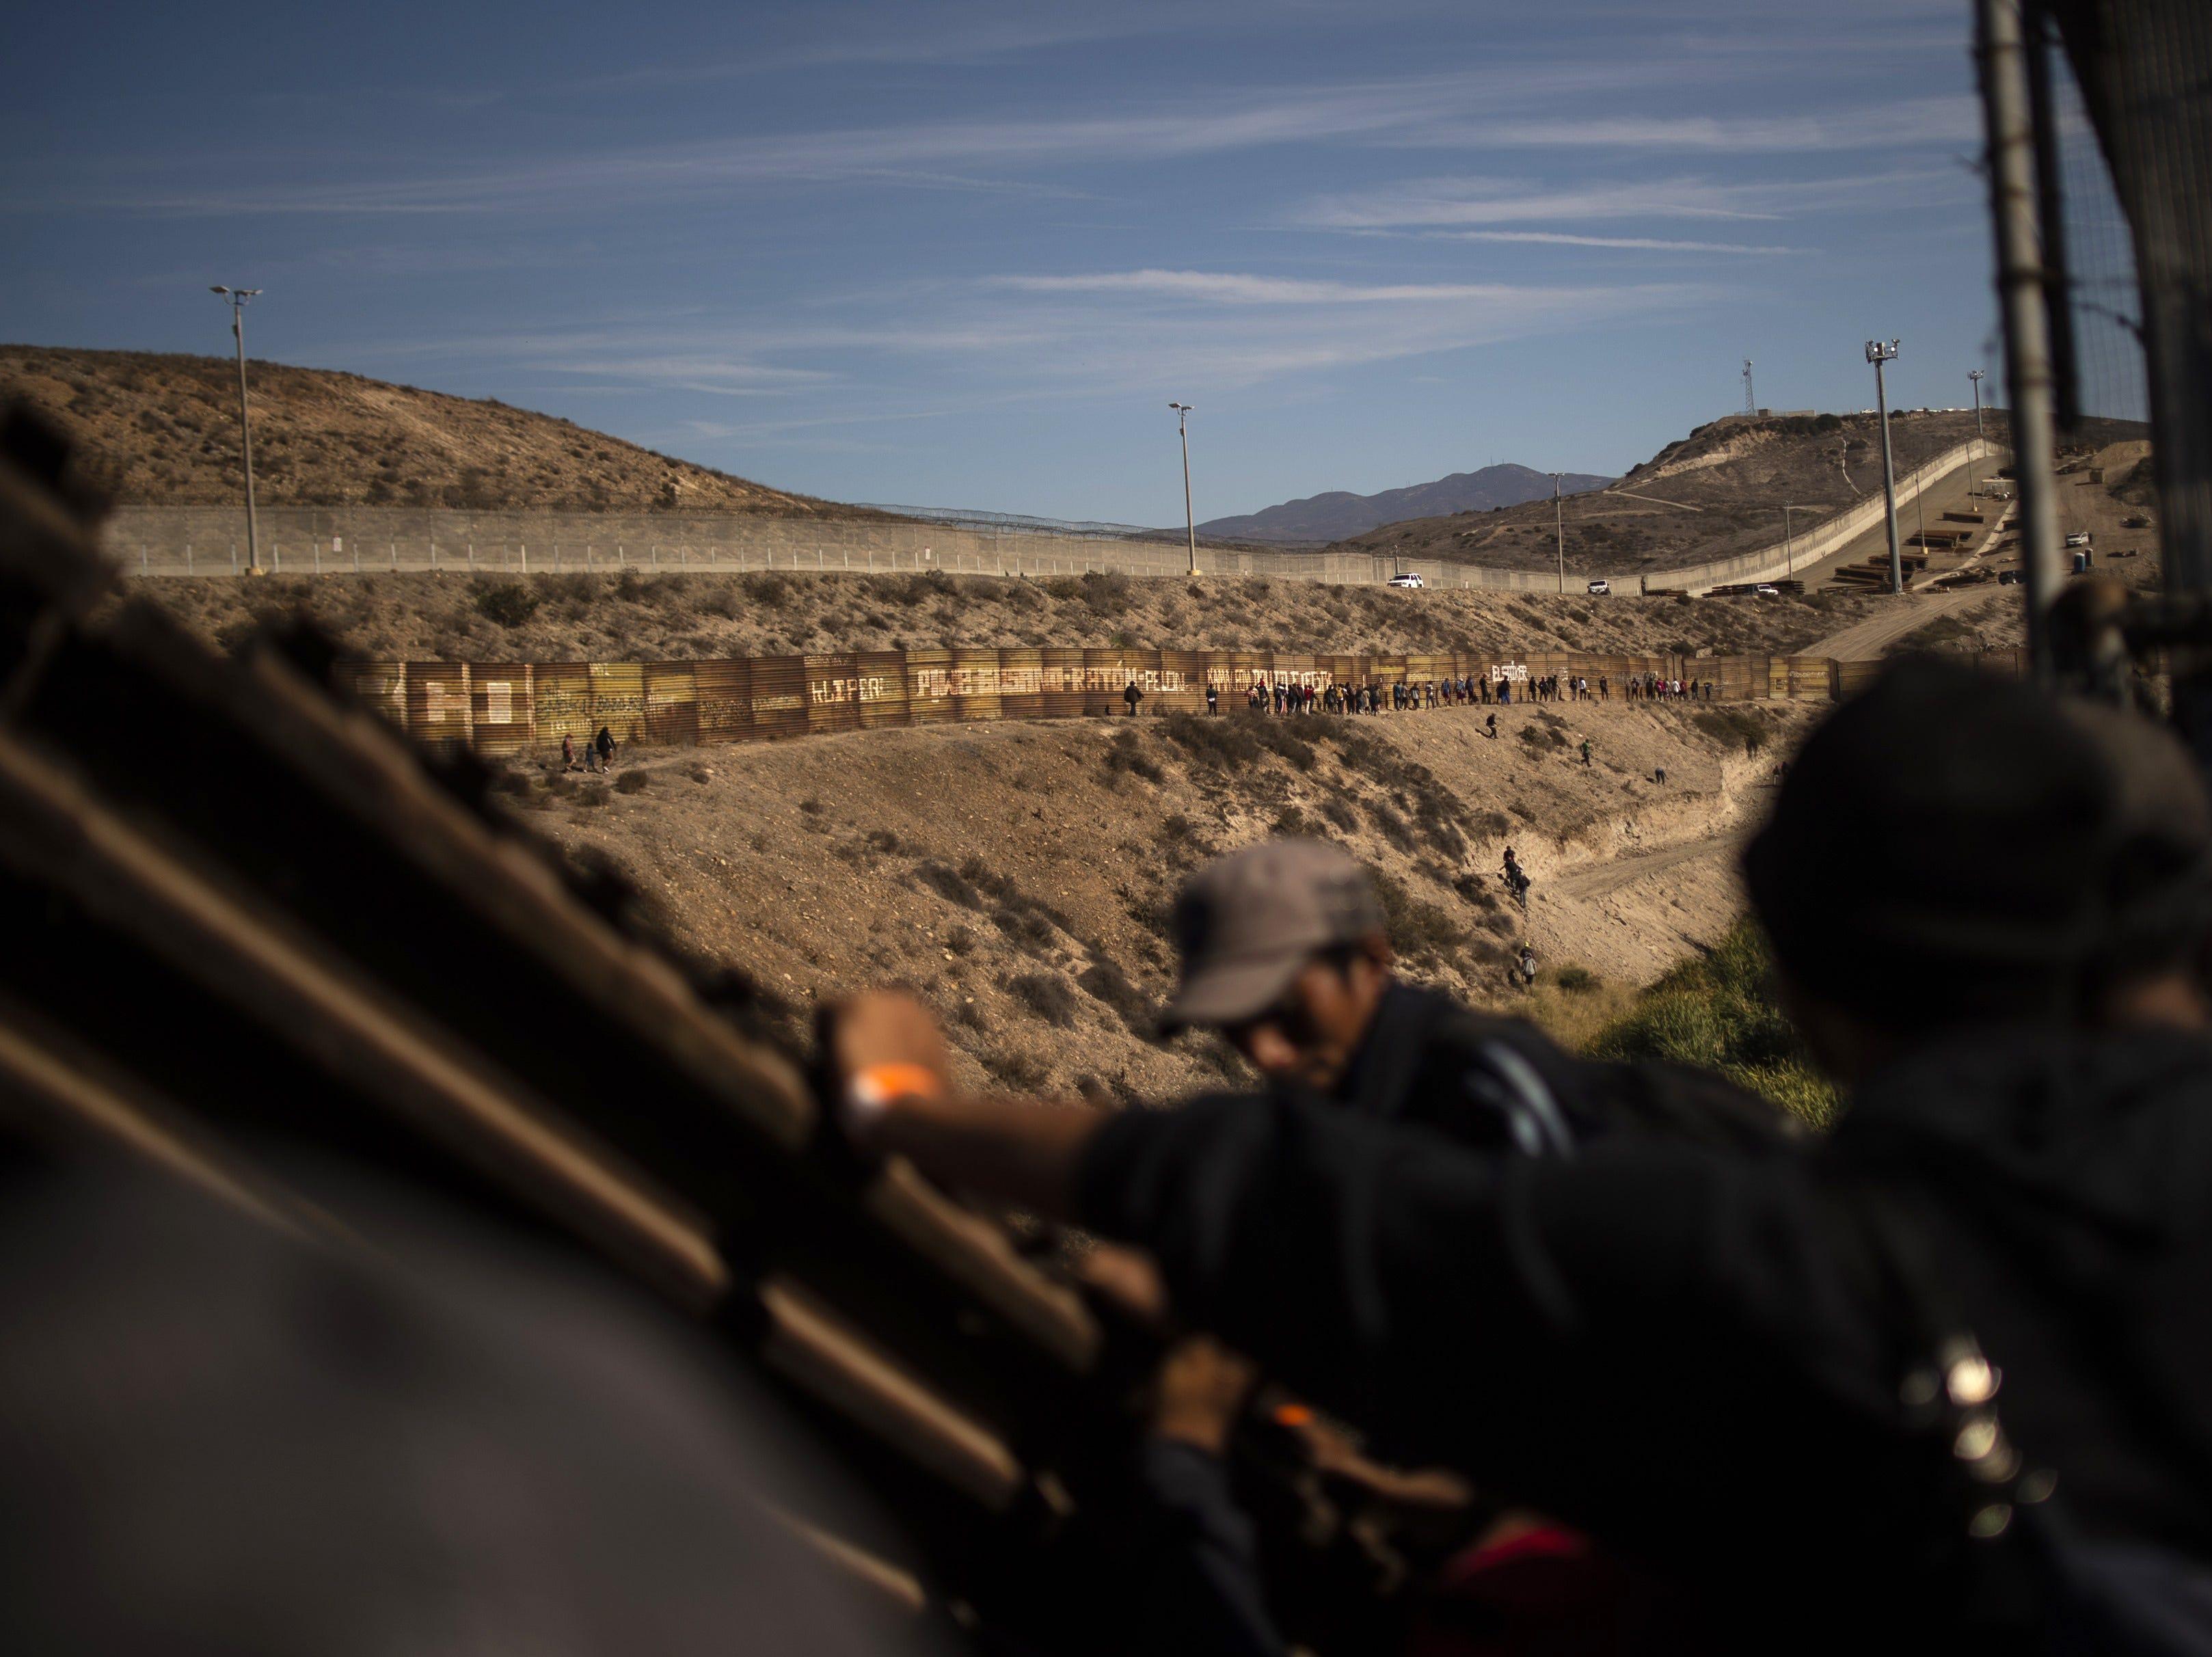 Los migrantes centroamericanos se suben a una barrera de metal en la frontera entre México y EE. UU. Cerca del cruce fronterizo de El Chaparral, en Tijuana, estado de Baja California, México, el 25 de noviembre de 2018.